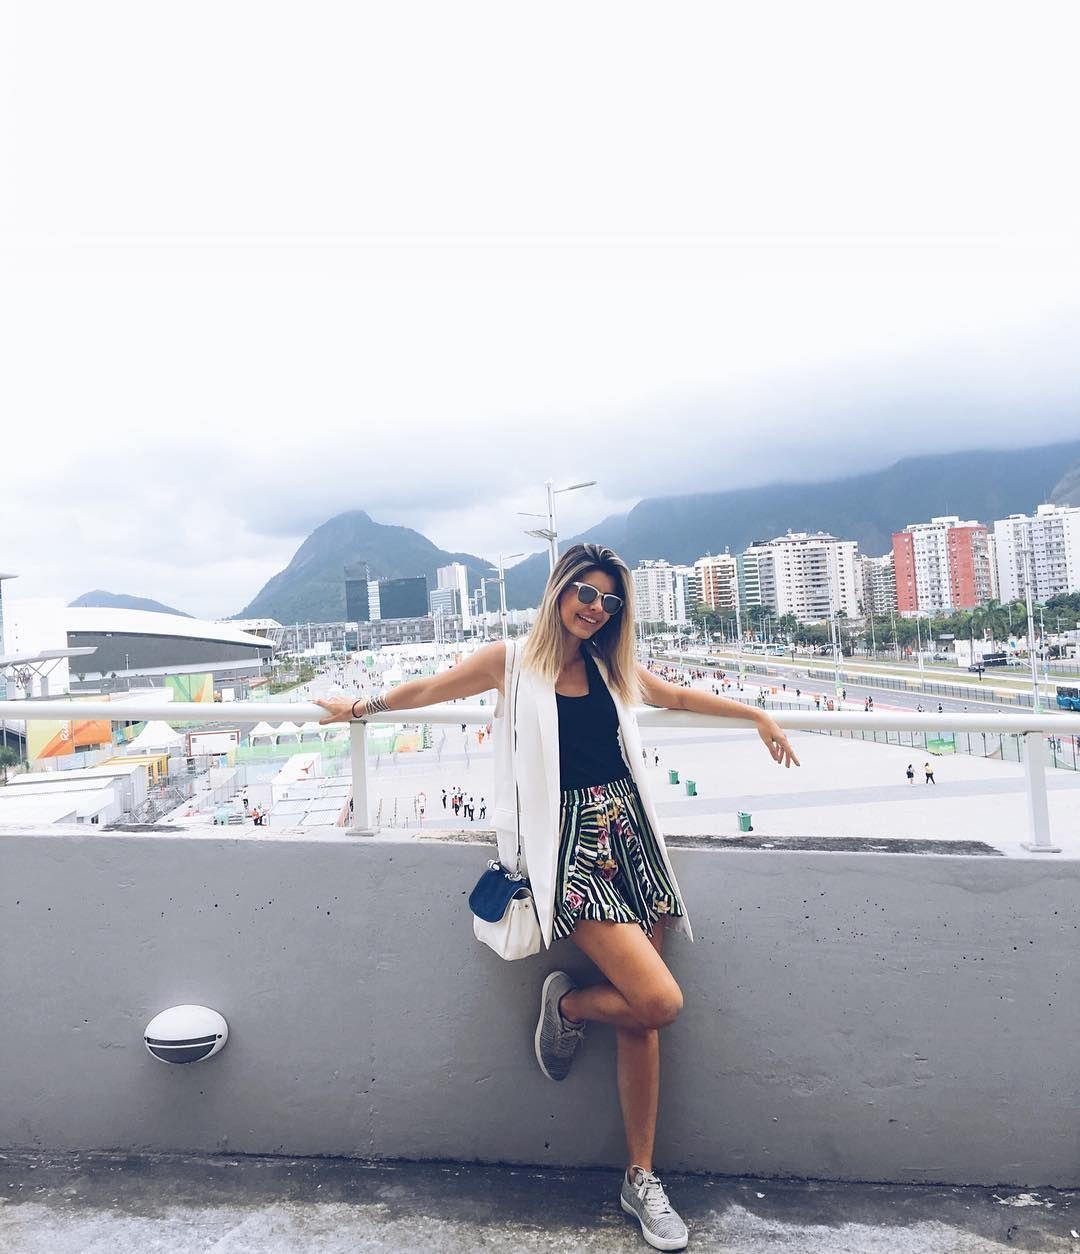 Acordei cedinho hoje muiiiito animada  Já estou aqui no Parque Olímpico hoje não tem sol e o clima está maravilhoso!  Amando demais estar aqui! #rio2016